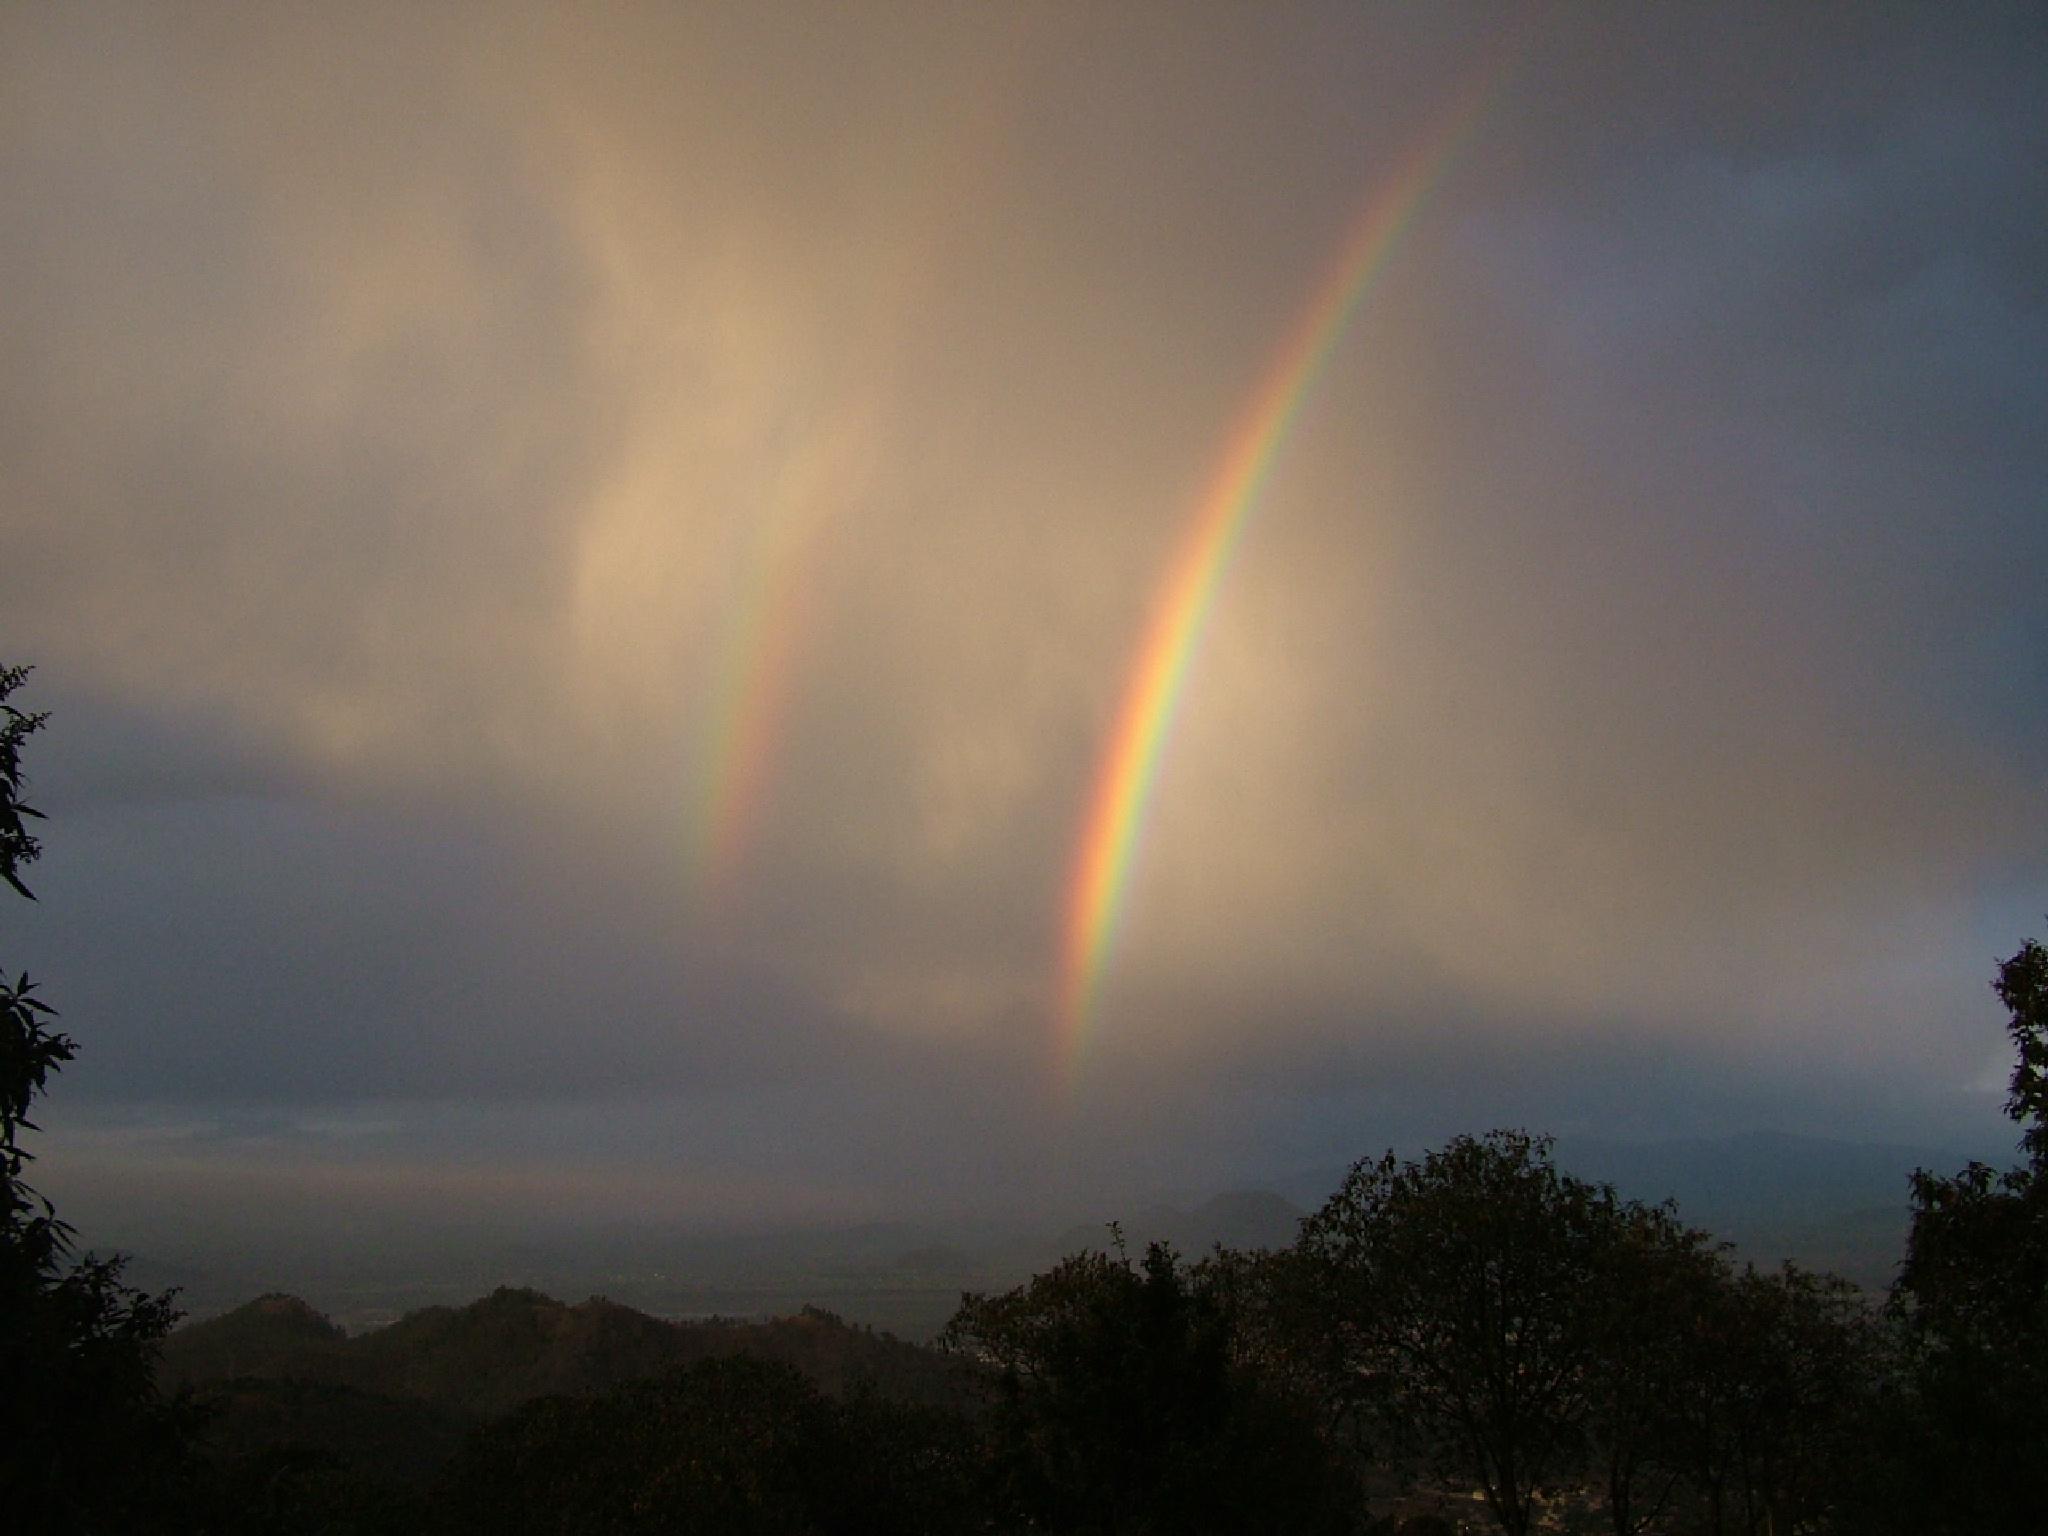 Double rainbow by Manuel Villanueva